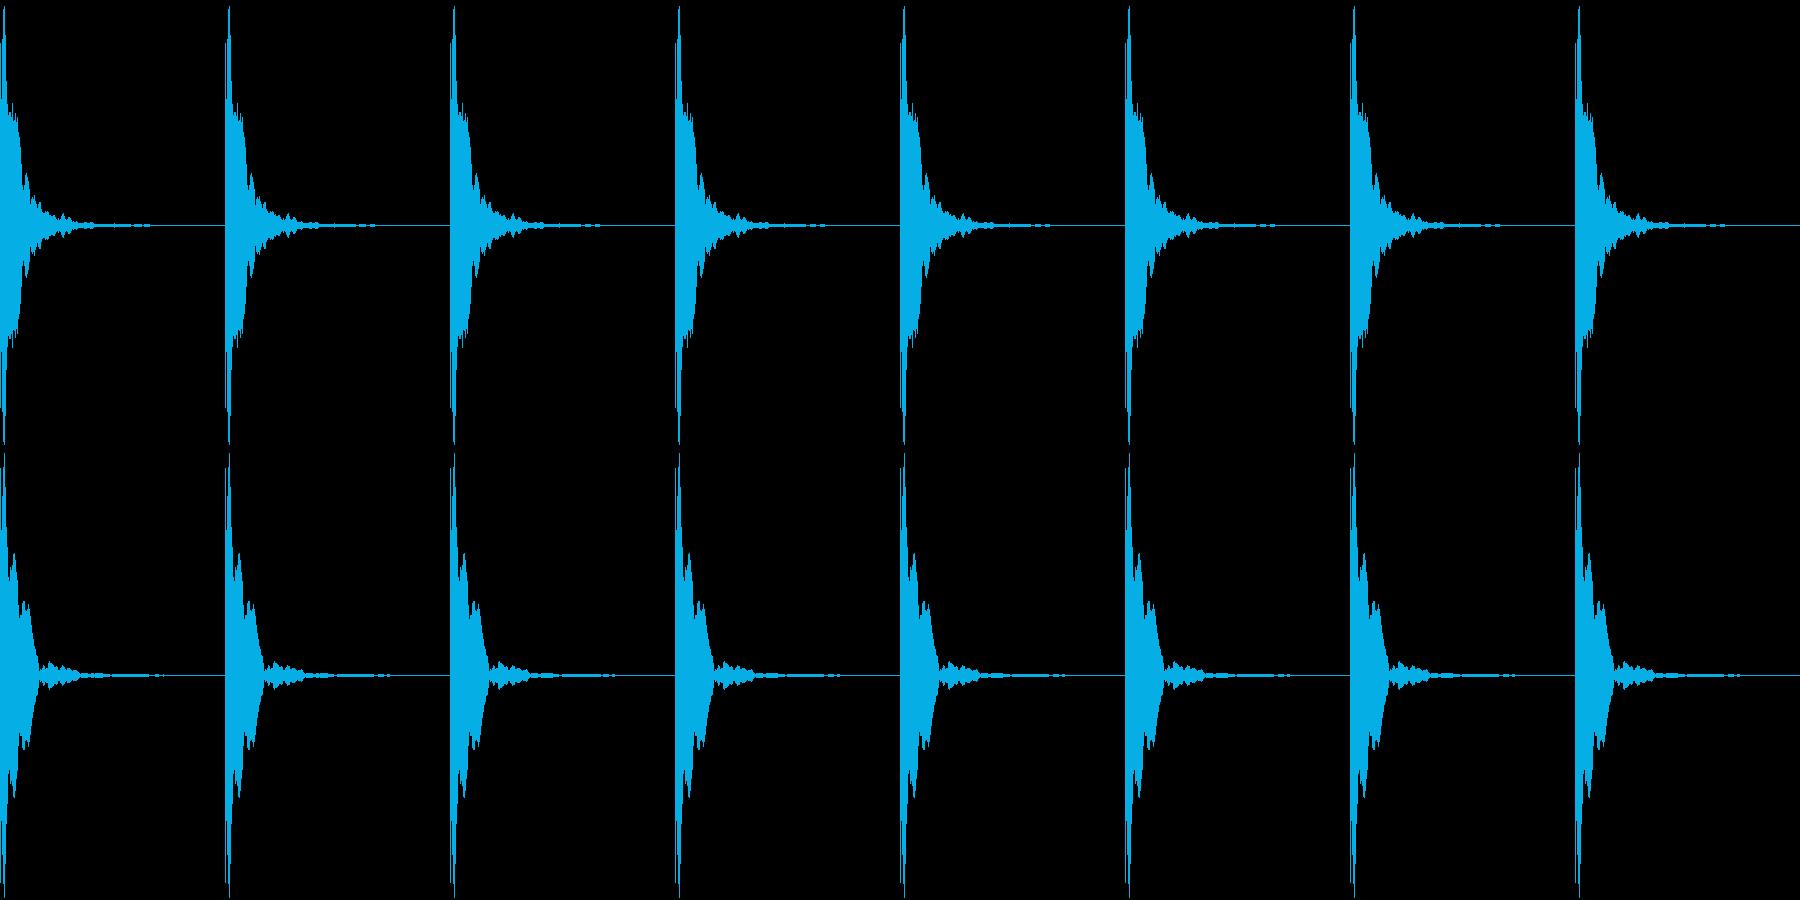 ポクポクポク-01(考え中・ループ可能)の再生済みの波形